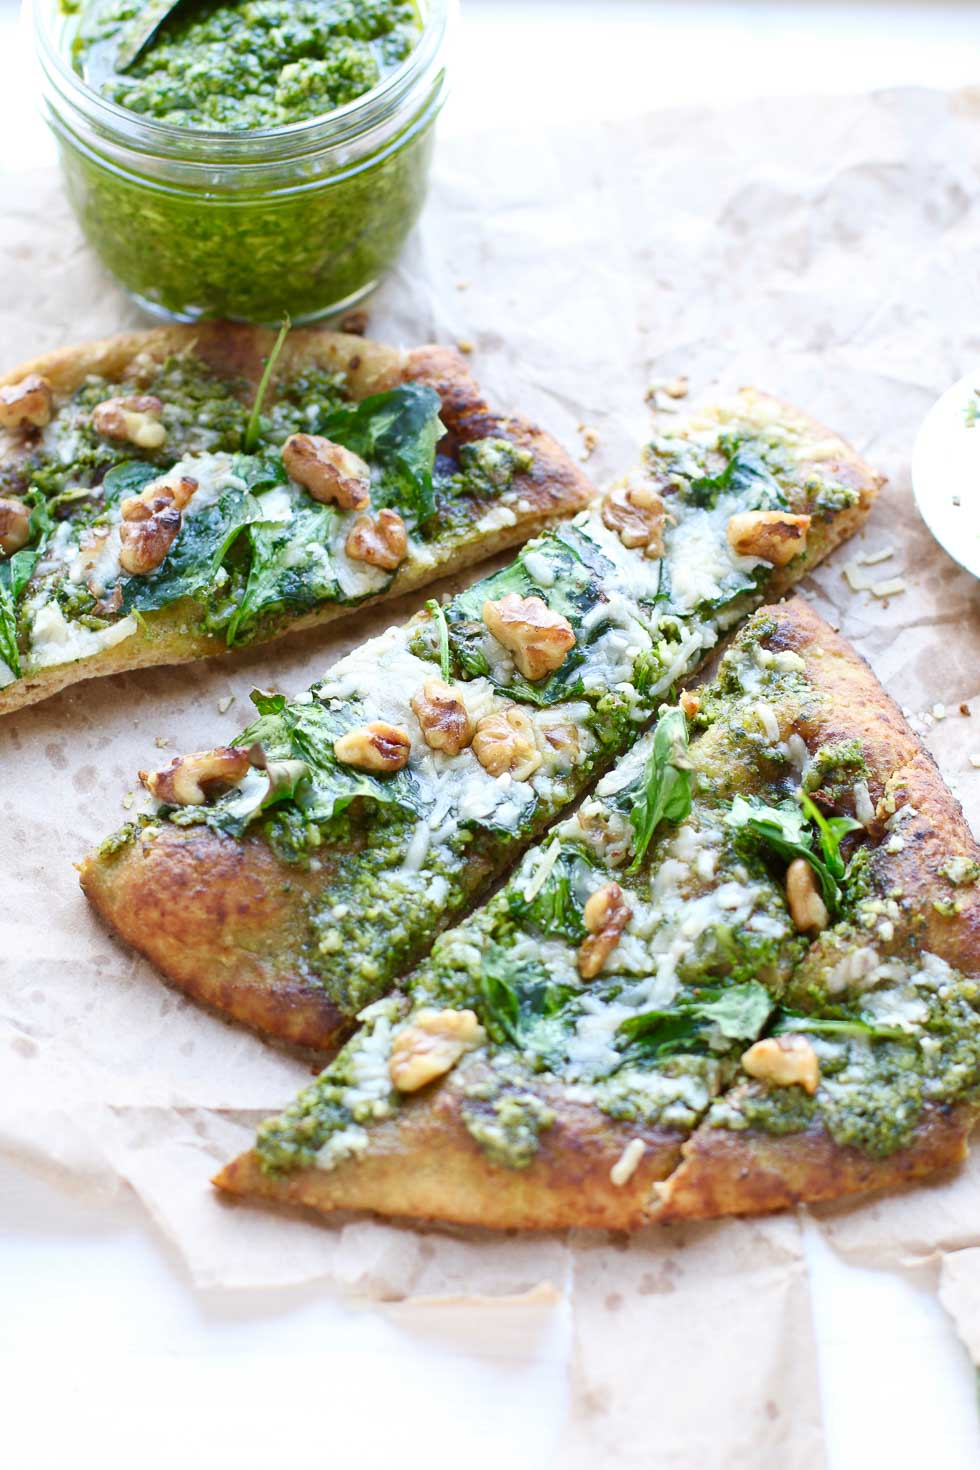 Kale Pesto Naan Pizza